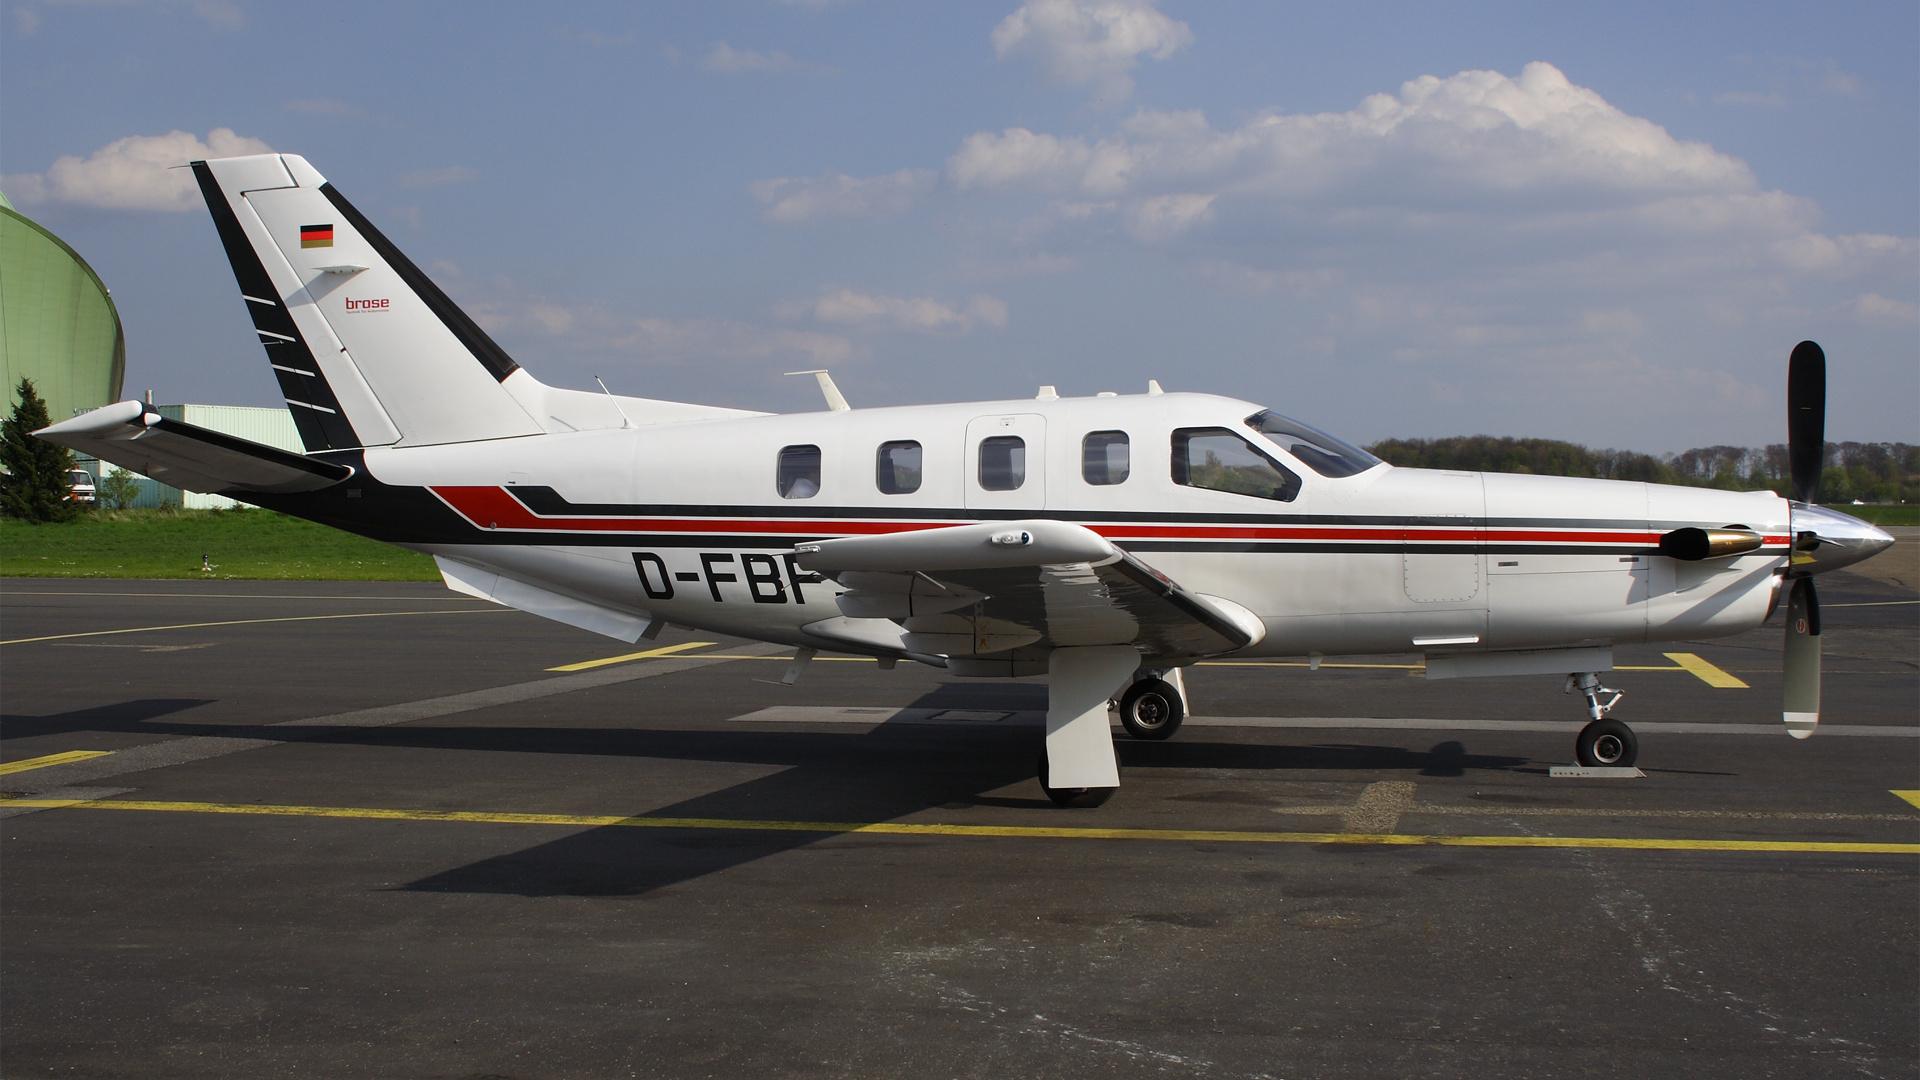 D-FBFS-1 TMB700 ESS 200804